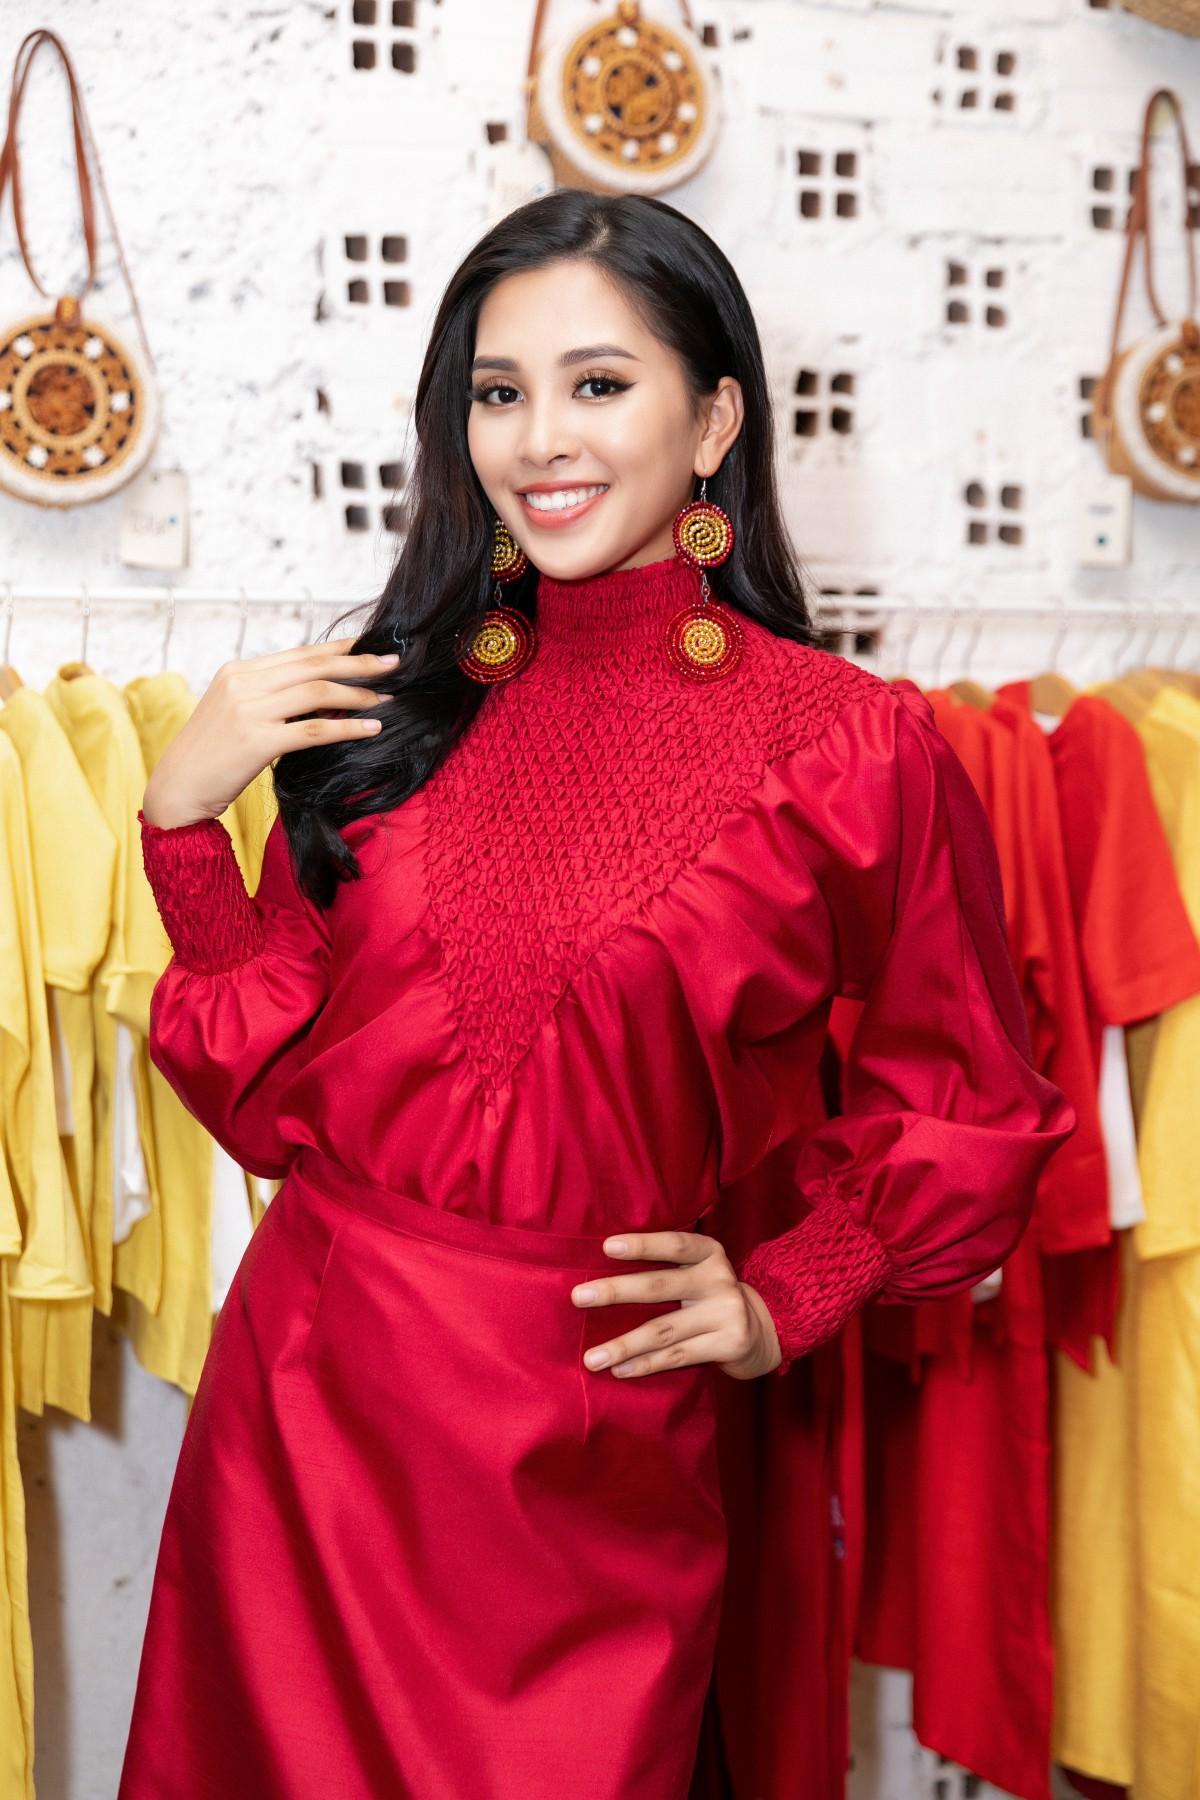 Vừa trở về từ Miss World 2018, Hoa hậu Tiểu Vy đã khoe nhan sắc rạng ngời với đầm body gợi cảm - Ảnh 1